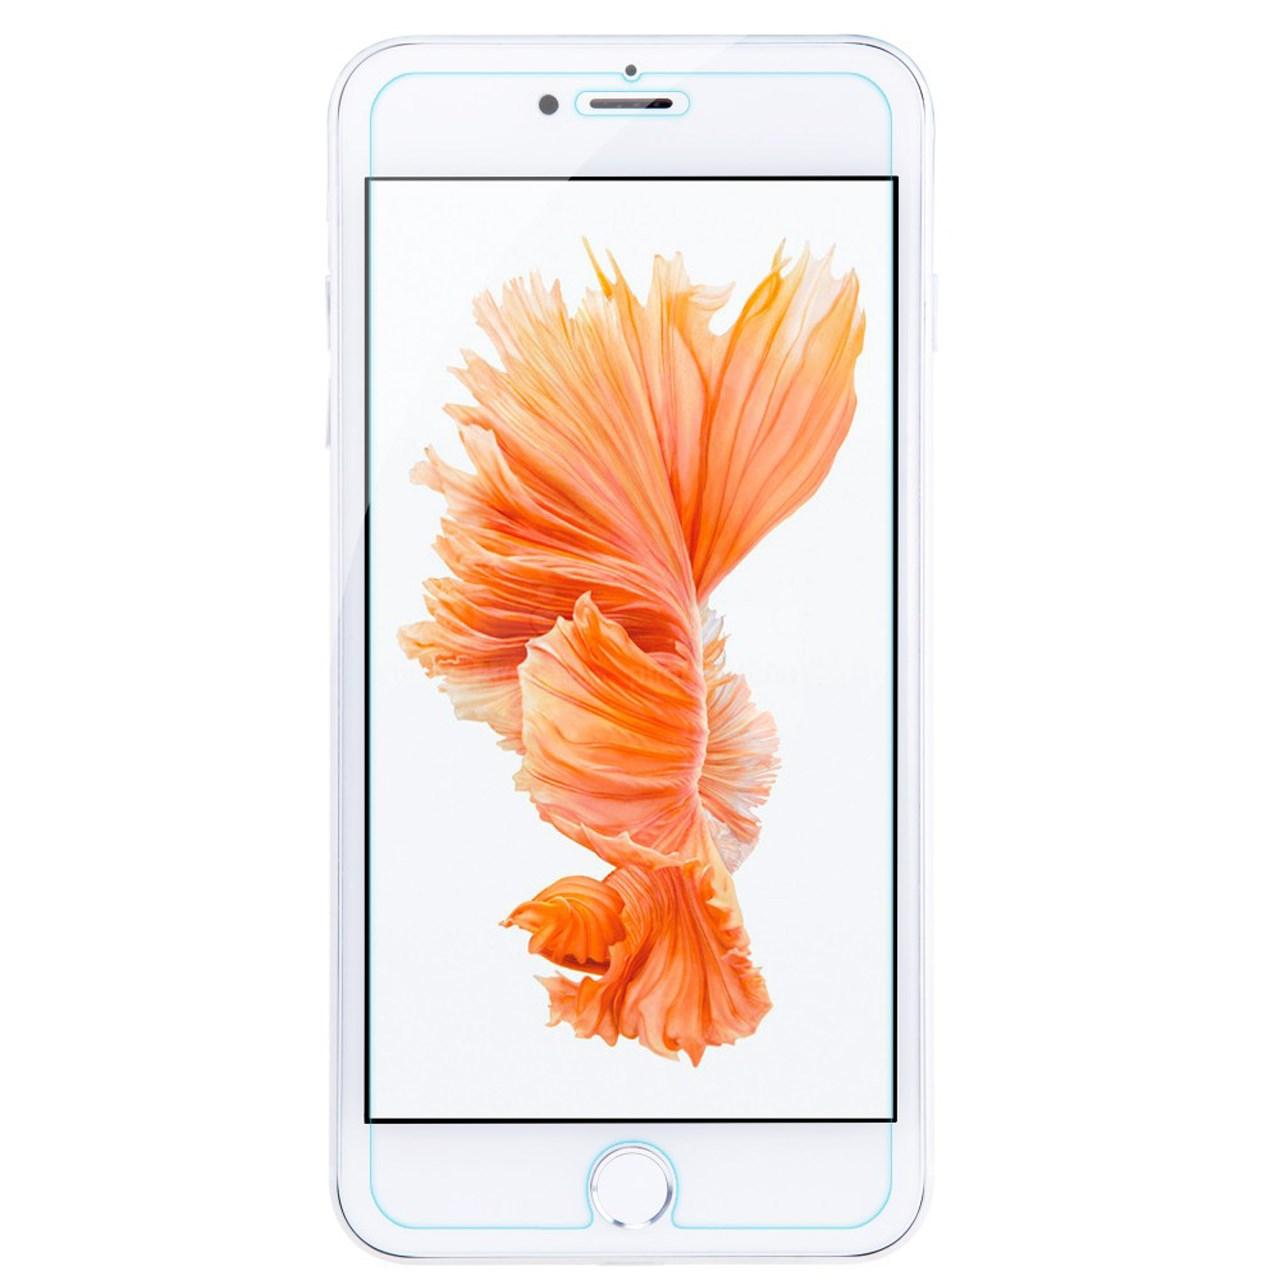 محافظ صفحه نمایش شیشه ای نیلکین مدل Amazing H Plus Pro Anti-Explosion مناسب برای گوشی موبایل آیفون 7 پلاس